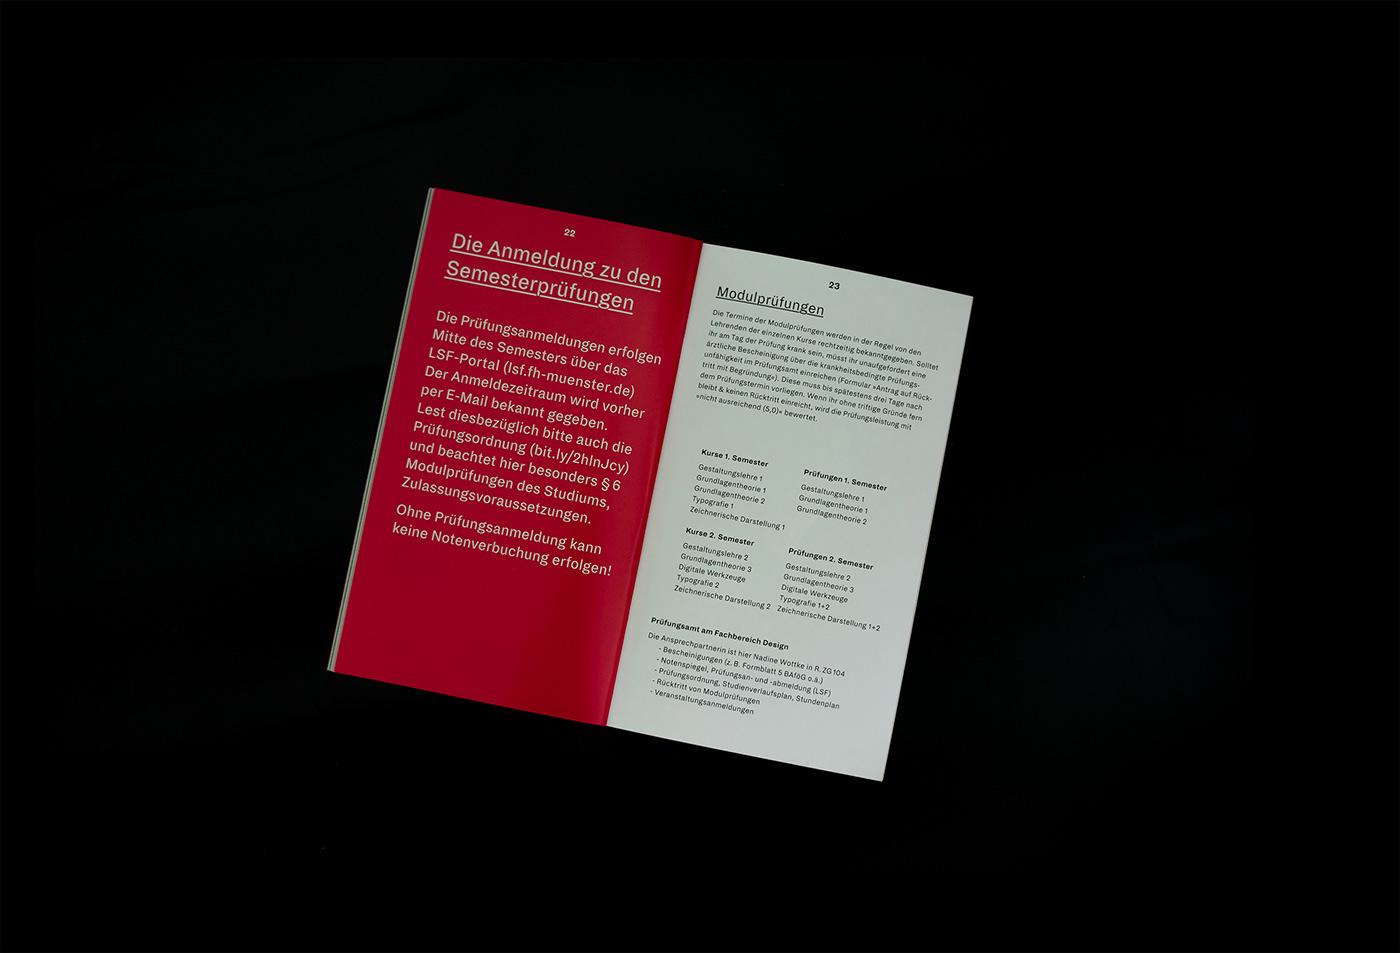 Image may contain: book, menu and screenshot